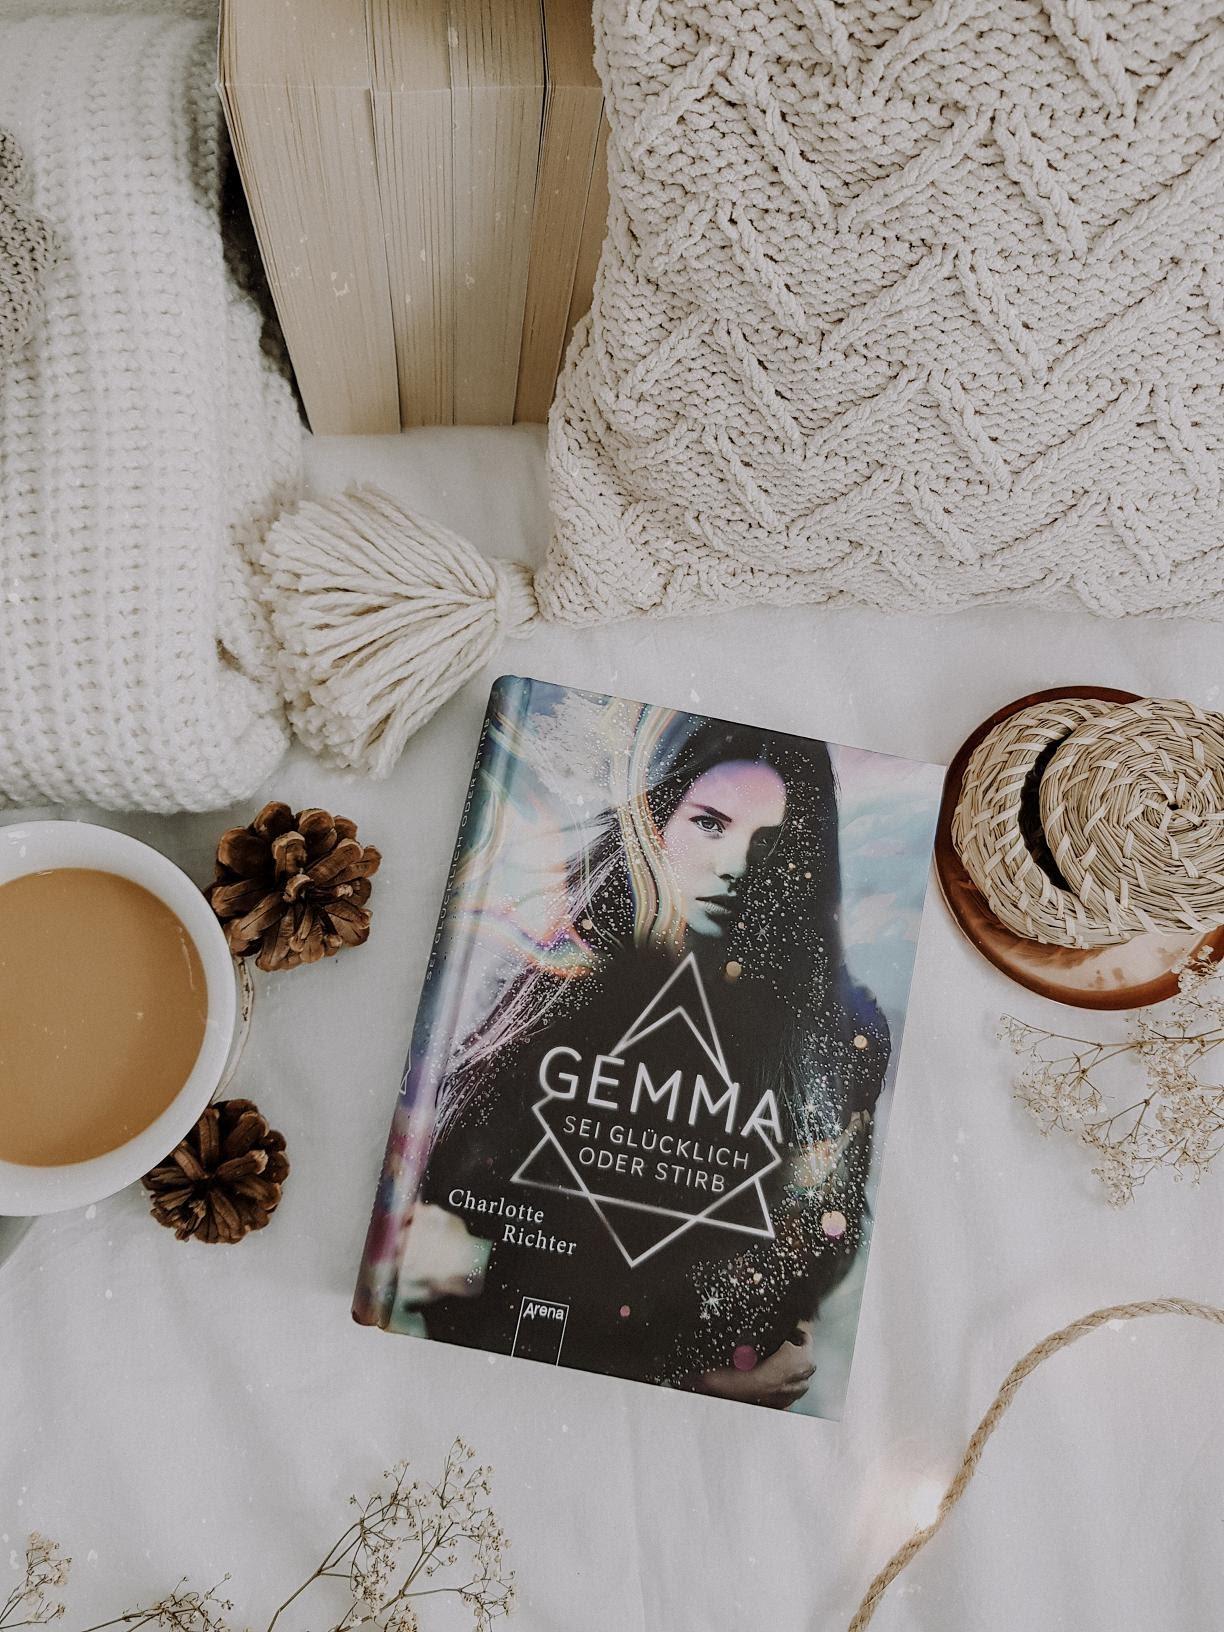 Bücherblog. Rezension. Buchcover. Gemma - Sei glücklich oder stirb von Charlotte Richter. Arena Verlag.